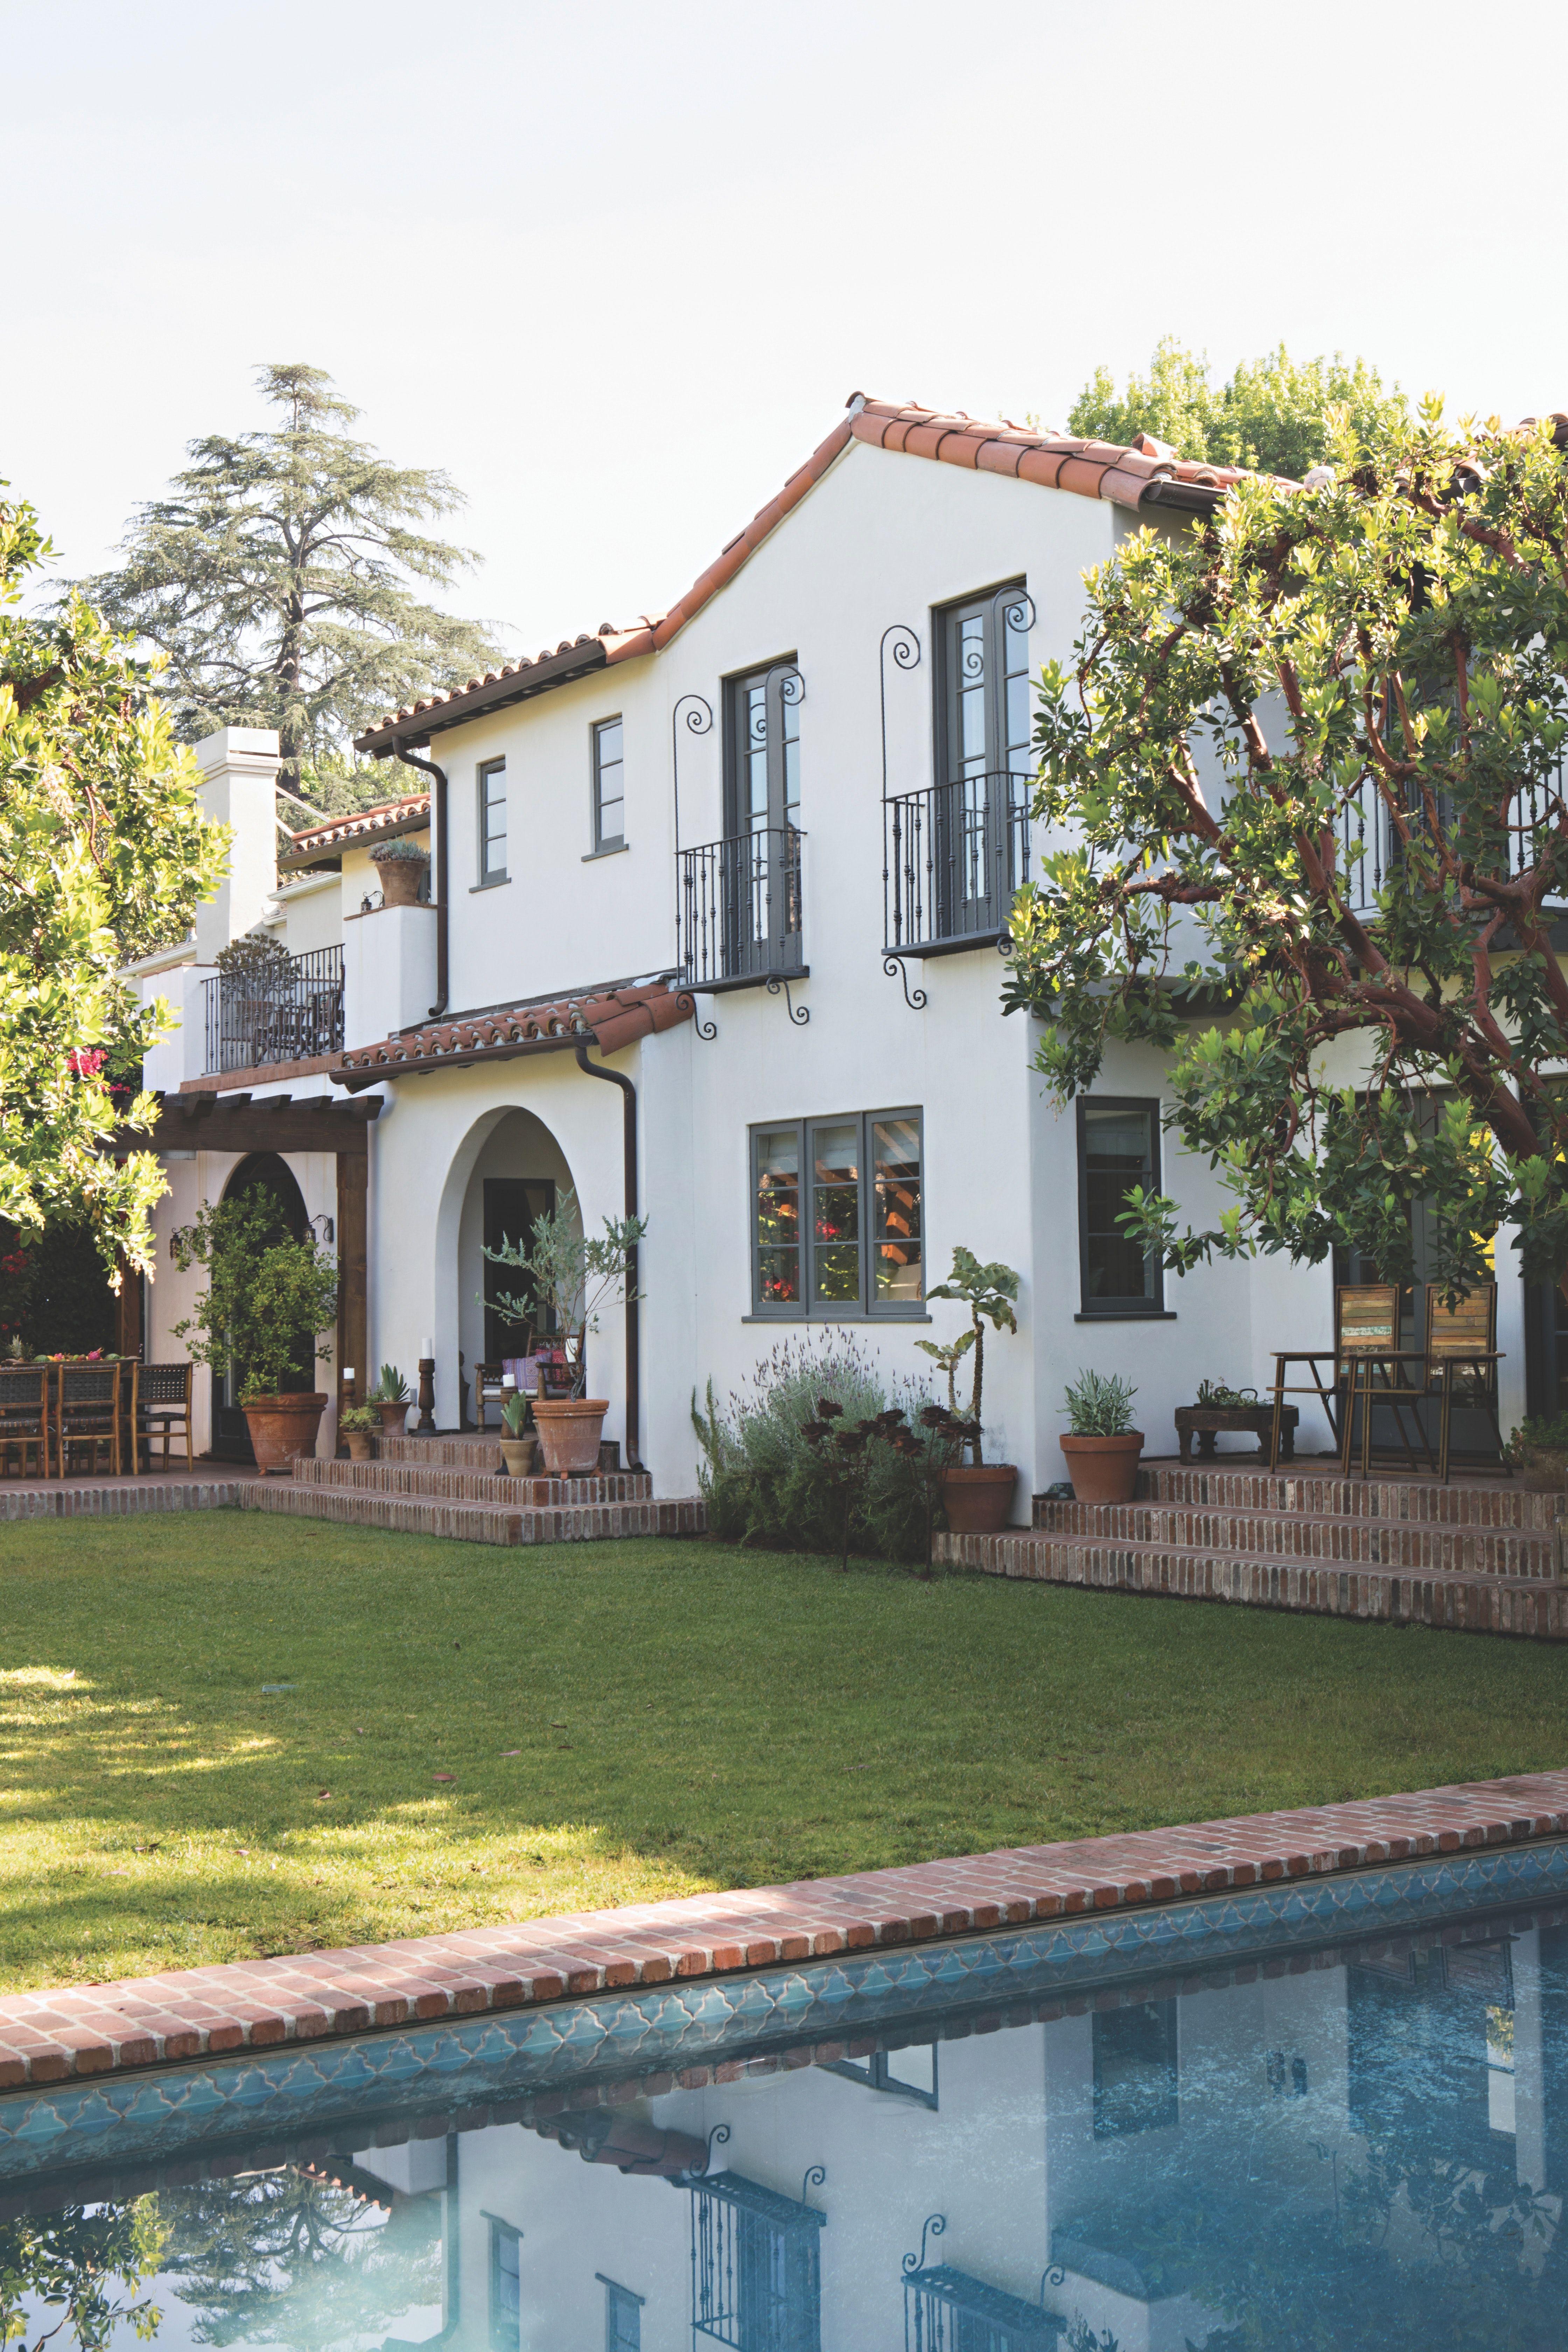 Spanish.house комфортные виллы в испании xv века цены на дома в великобритании